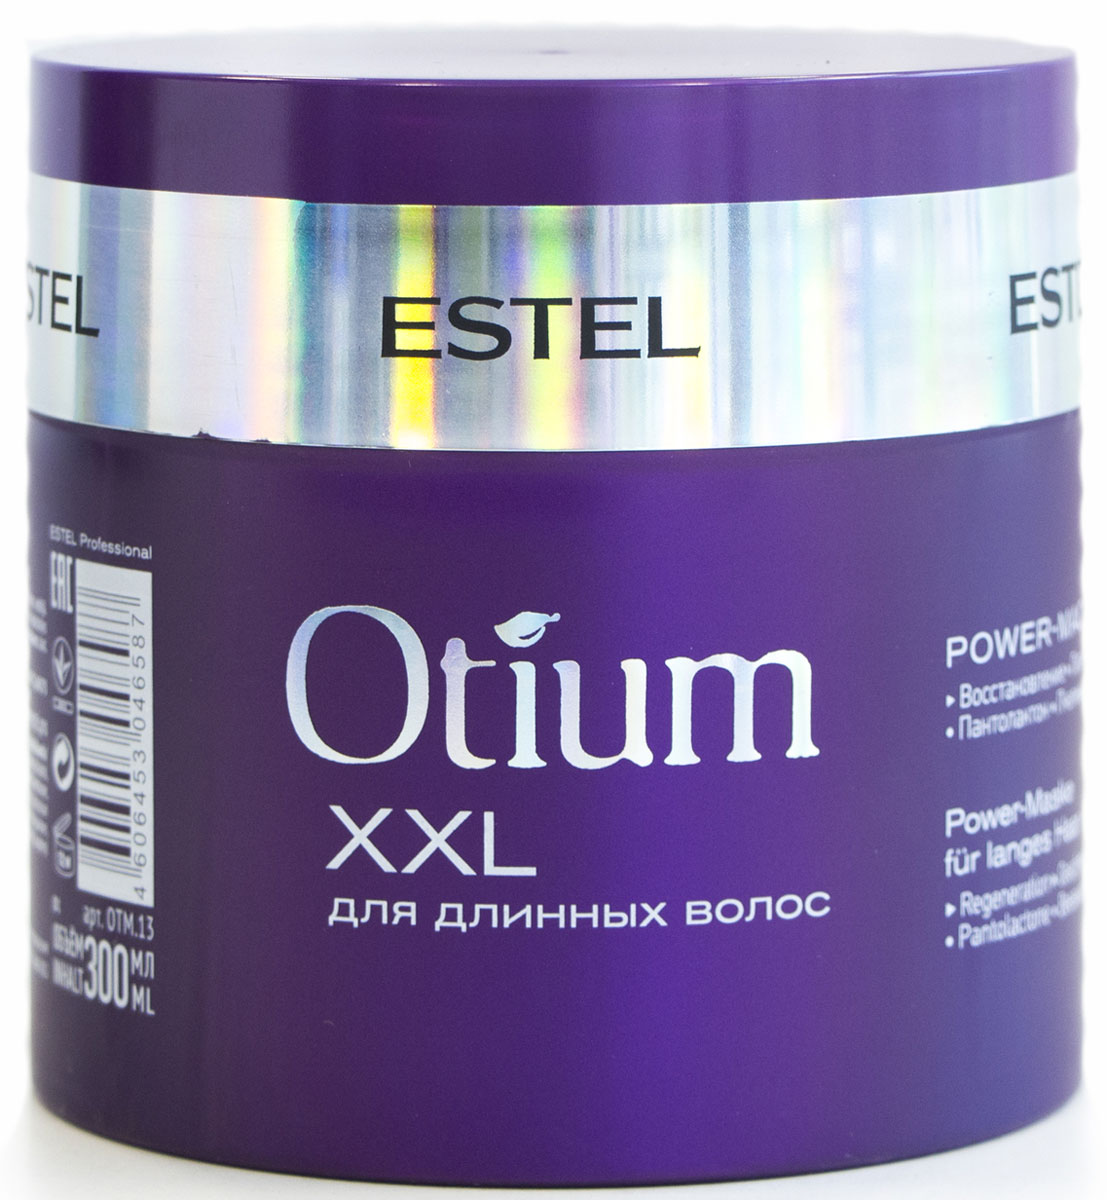 Estel Otium Flow Power-маска для длинных волос 300 млОТМ.13Estel Otium Flow Power - маска для длинных волос. Богатая кремовая маска с комплексом Flow Revivаl, коллагеном и пантенолом глубоко регенерирует и питает тонкие и ломкие волосы, восстанавливает и поддерживает идеальный баланс влажности. Придаёт волосам жизненную силу, возвращает яркий сияющий блеск. Уважаемые клиенты! Обращаем ваше внимание на возможные изменения в дизайне упаковки. Качественные характеристики товара остаются неизменными. Поставка осуществляется в зависимости от наличия на складе.